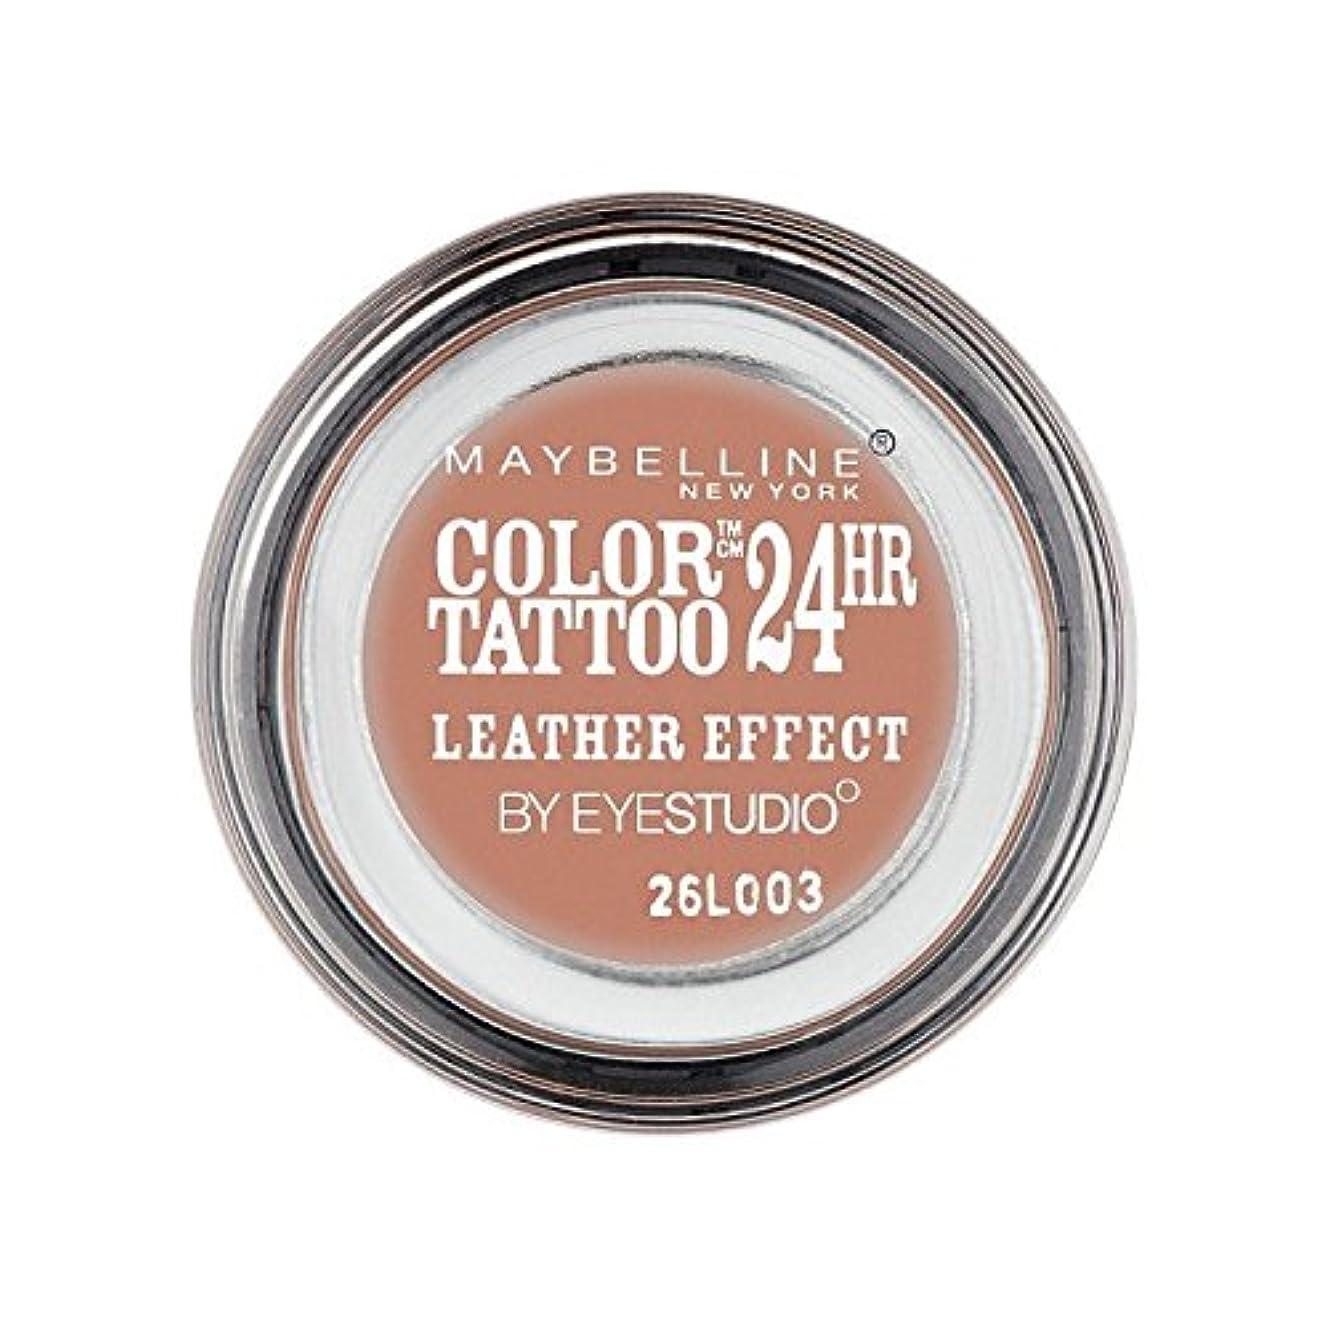 愛情放置鏡Maybelline Color Tattoo 24Hr Eyeshadow Leather Effect 98 - メイベリンカラータトゥー24時間アイシャドウレザー効果98 [並行輸入品]